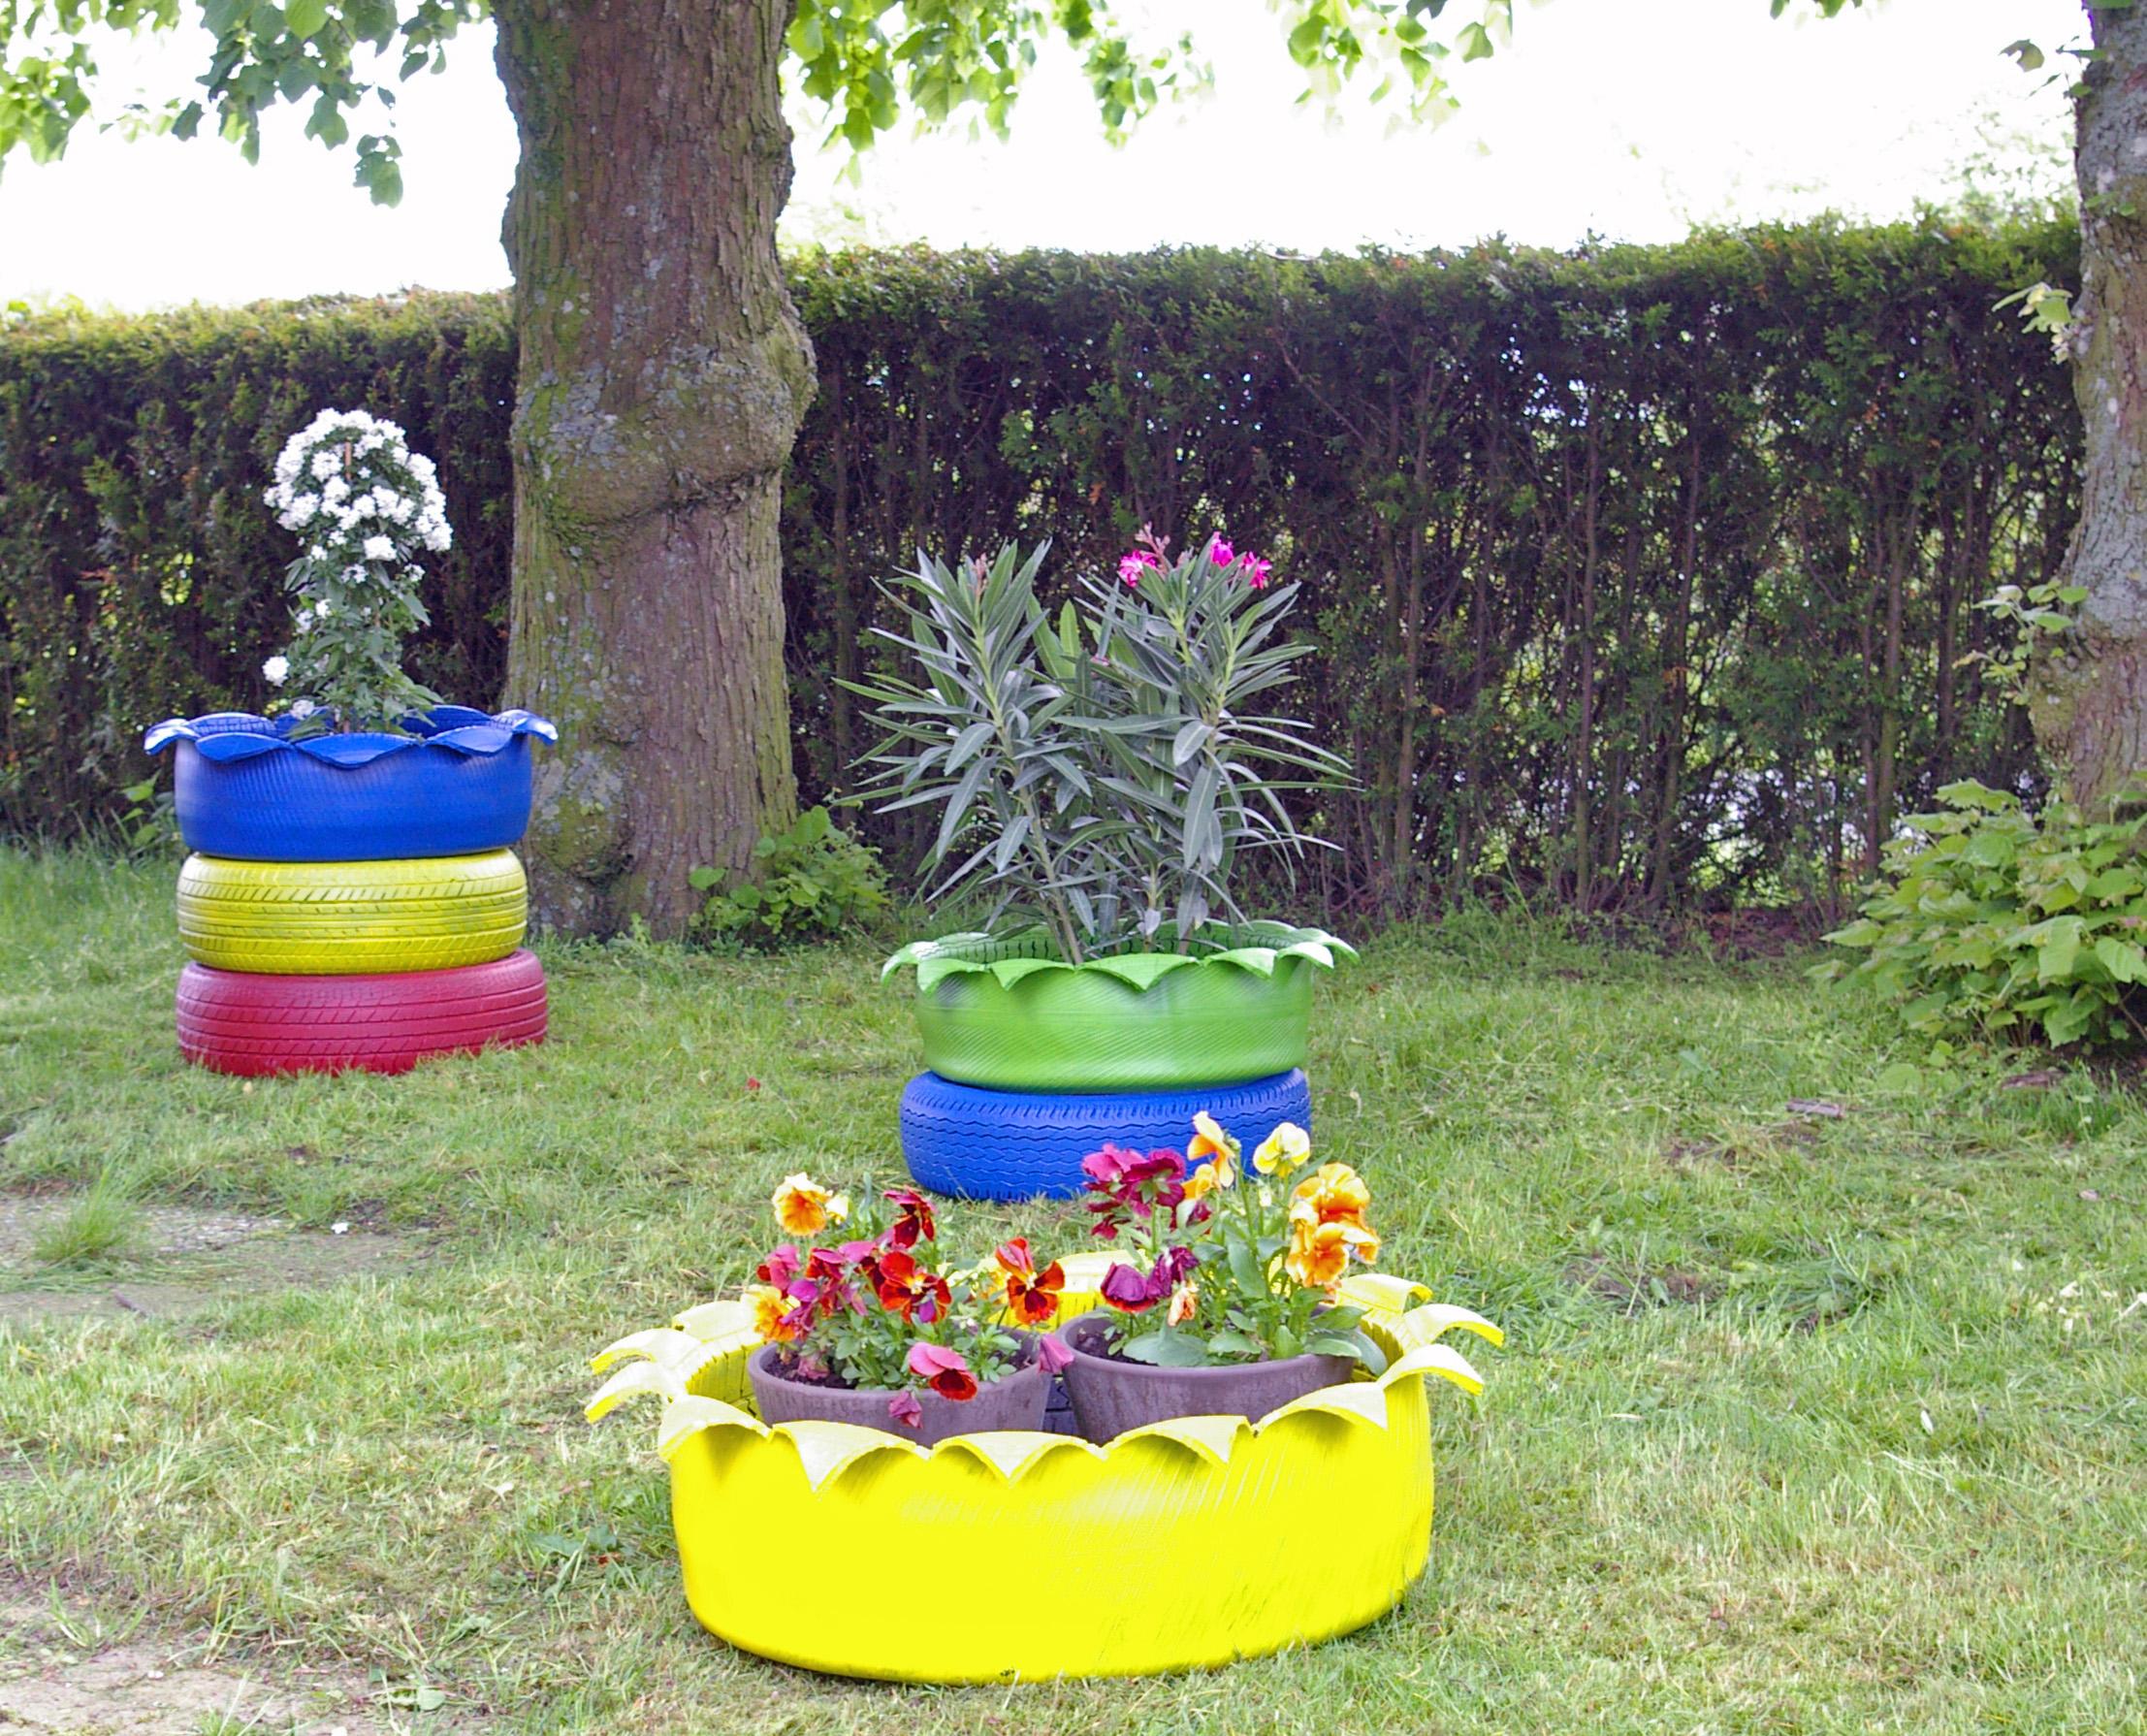 gartendekoration mit reifen – ragopige, Garten ideen